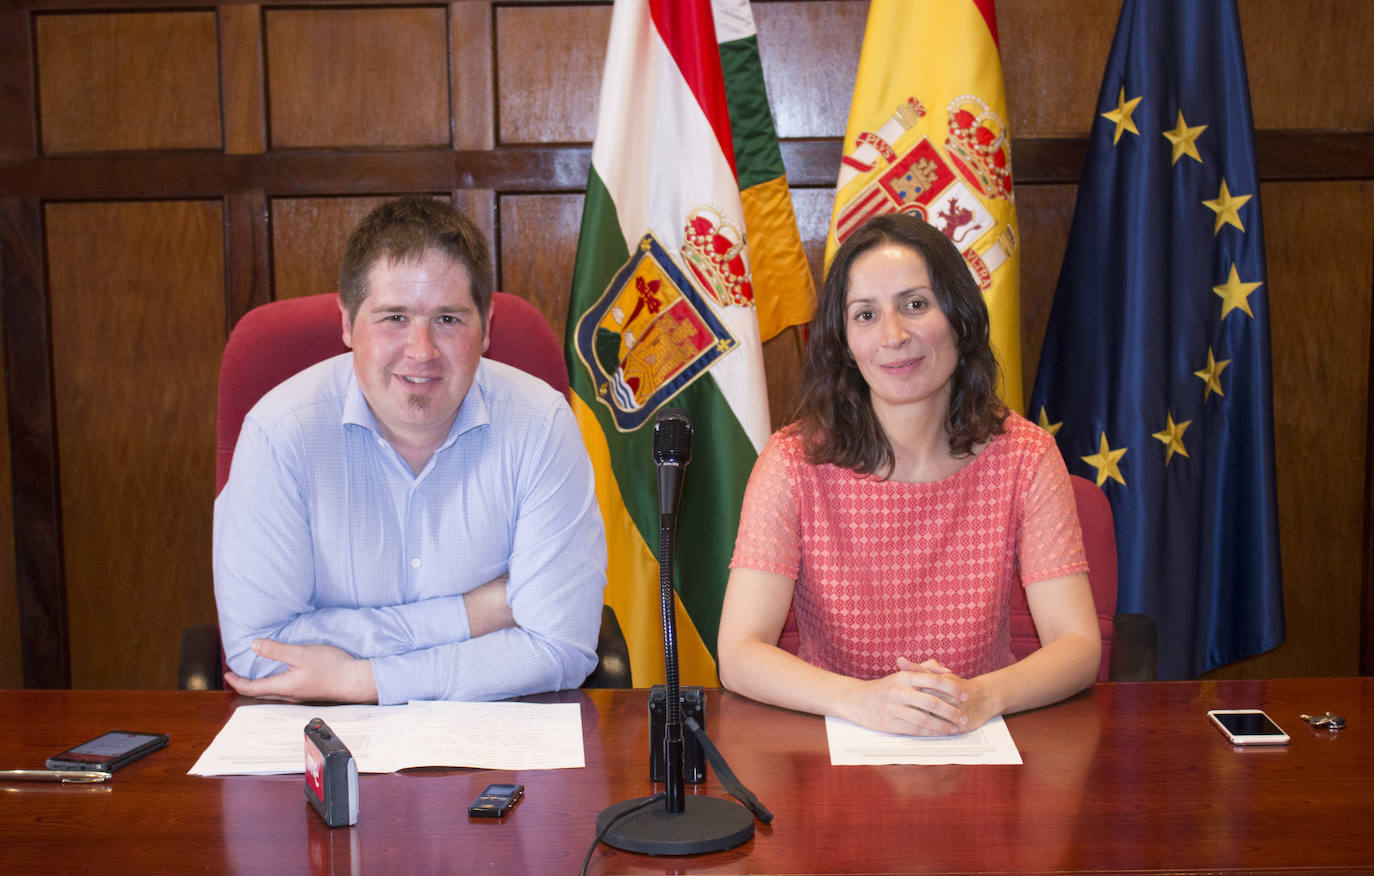 Javier Ruiz cobrará 2.700 euros brutos al mes por su dedicación exclusiva como alcalde de Santo Domingo